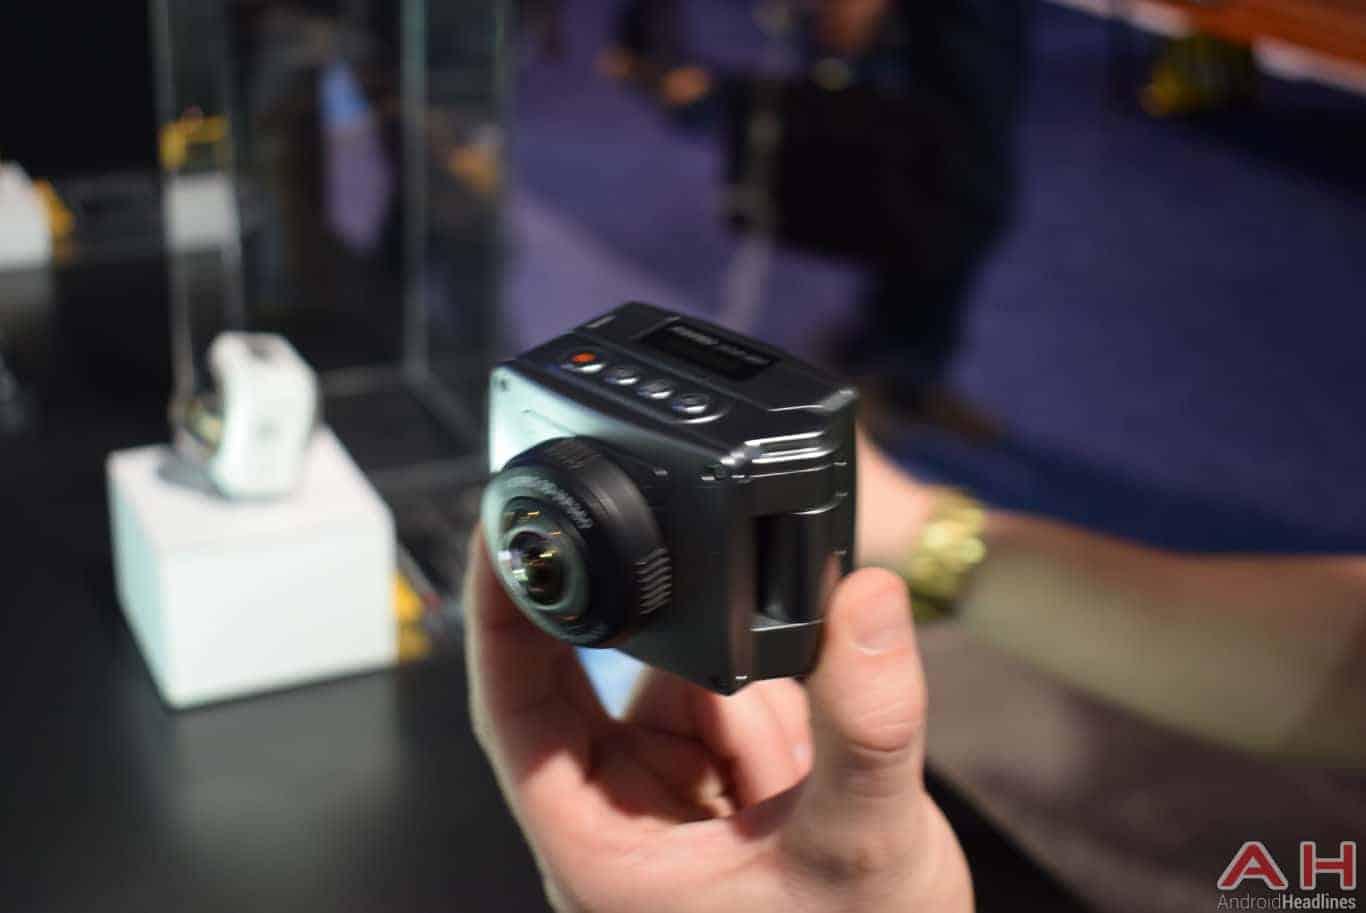 kodak PIXPRO 3D 360 VR Camera CES 2018 AH 5